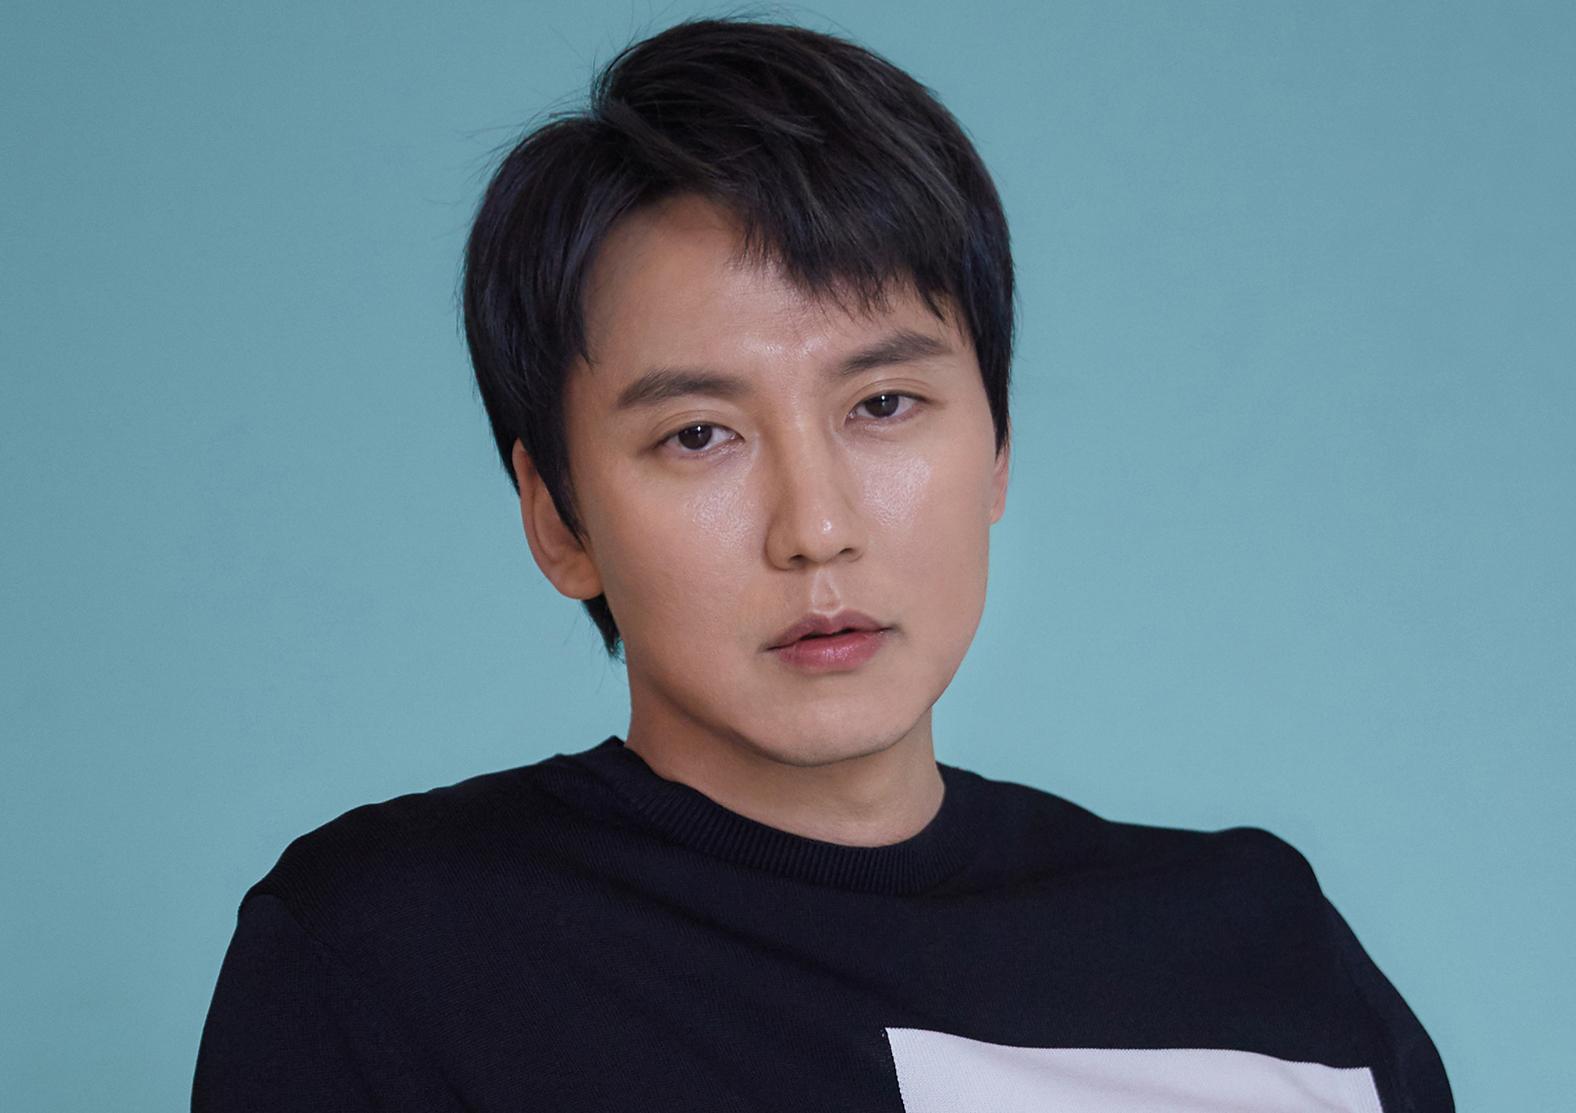 """[人스타] 김남길 """"나를 알아봐 주시는 분들을 위해 목숨을 바치는 스타일"""""""